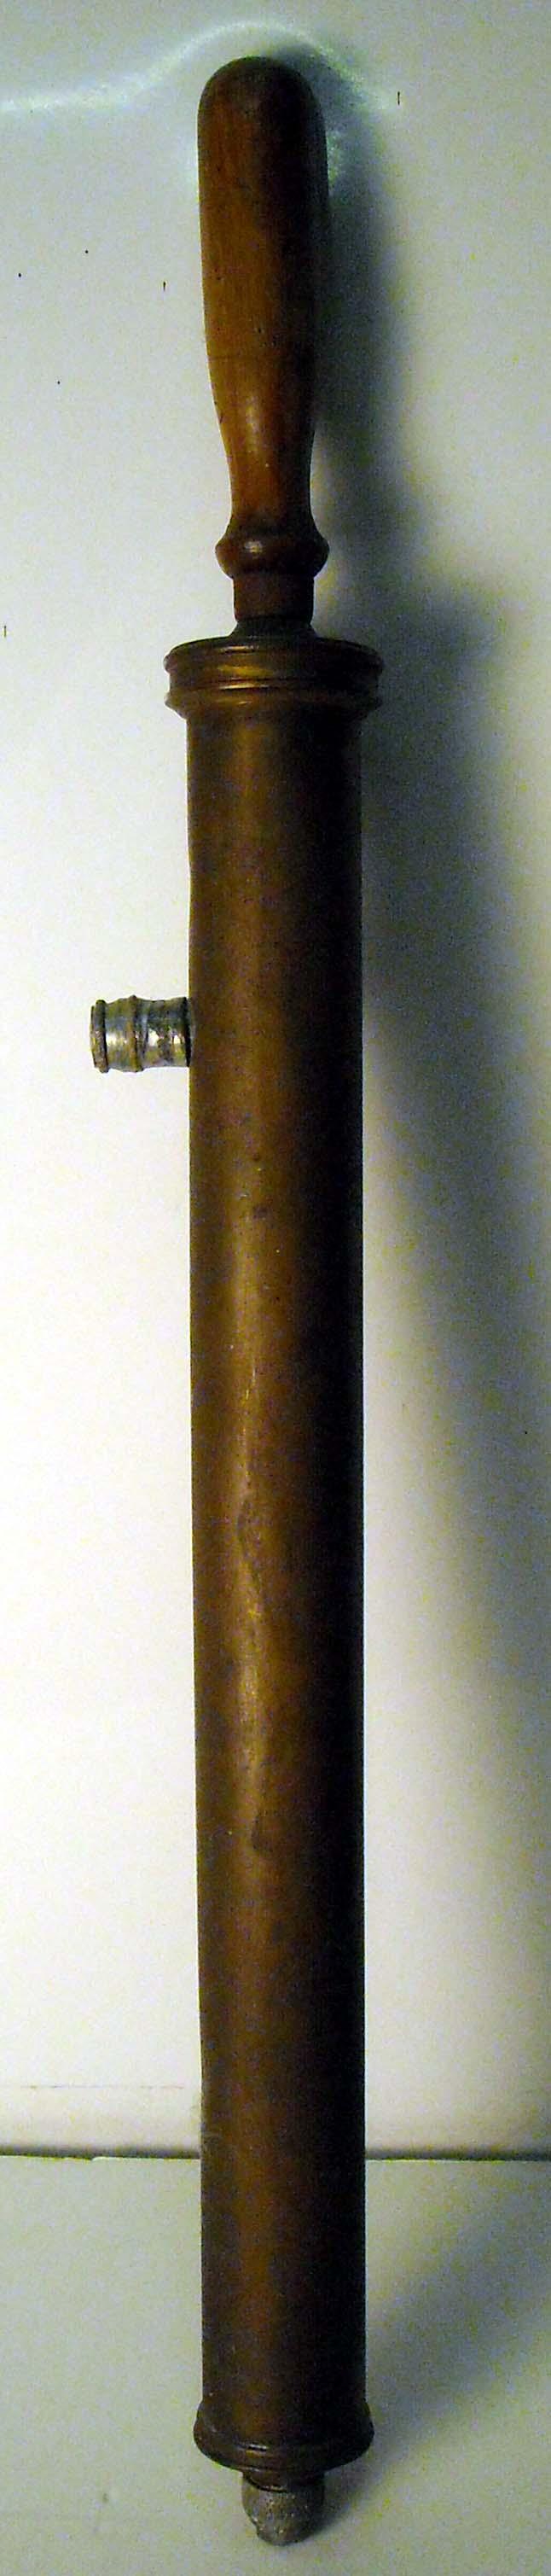 pfiche164 (1)